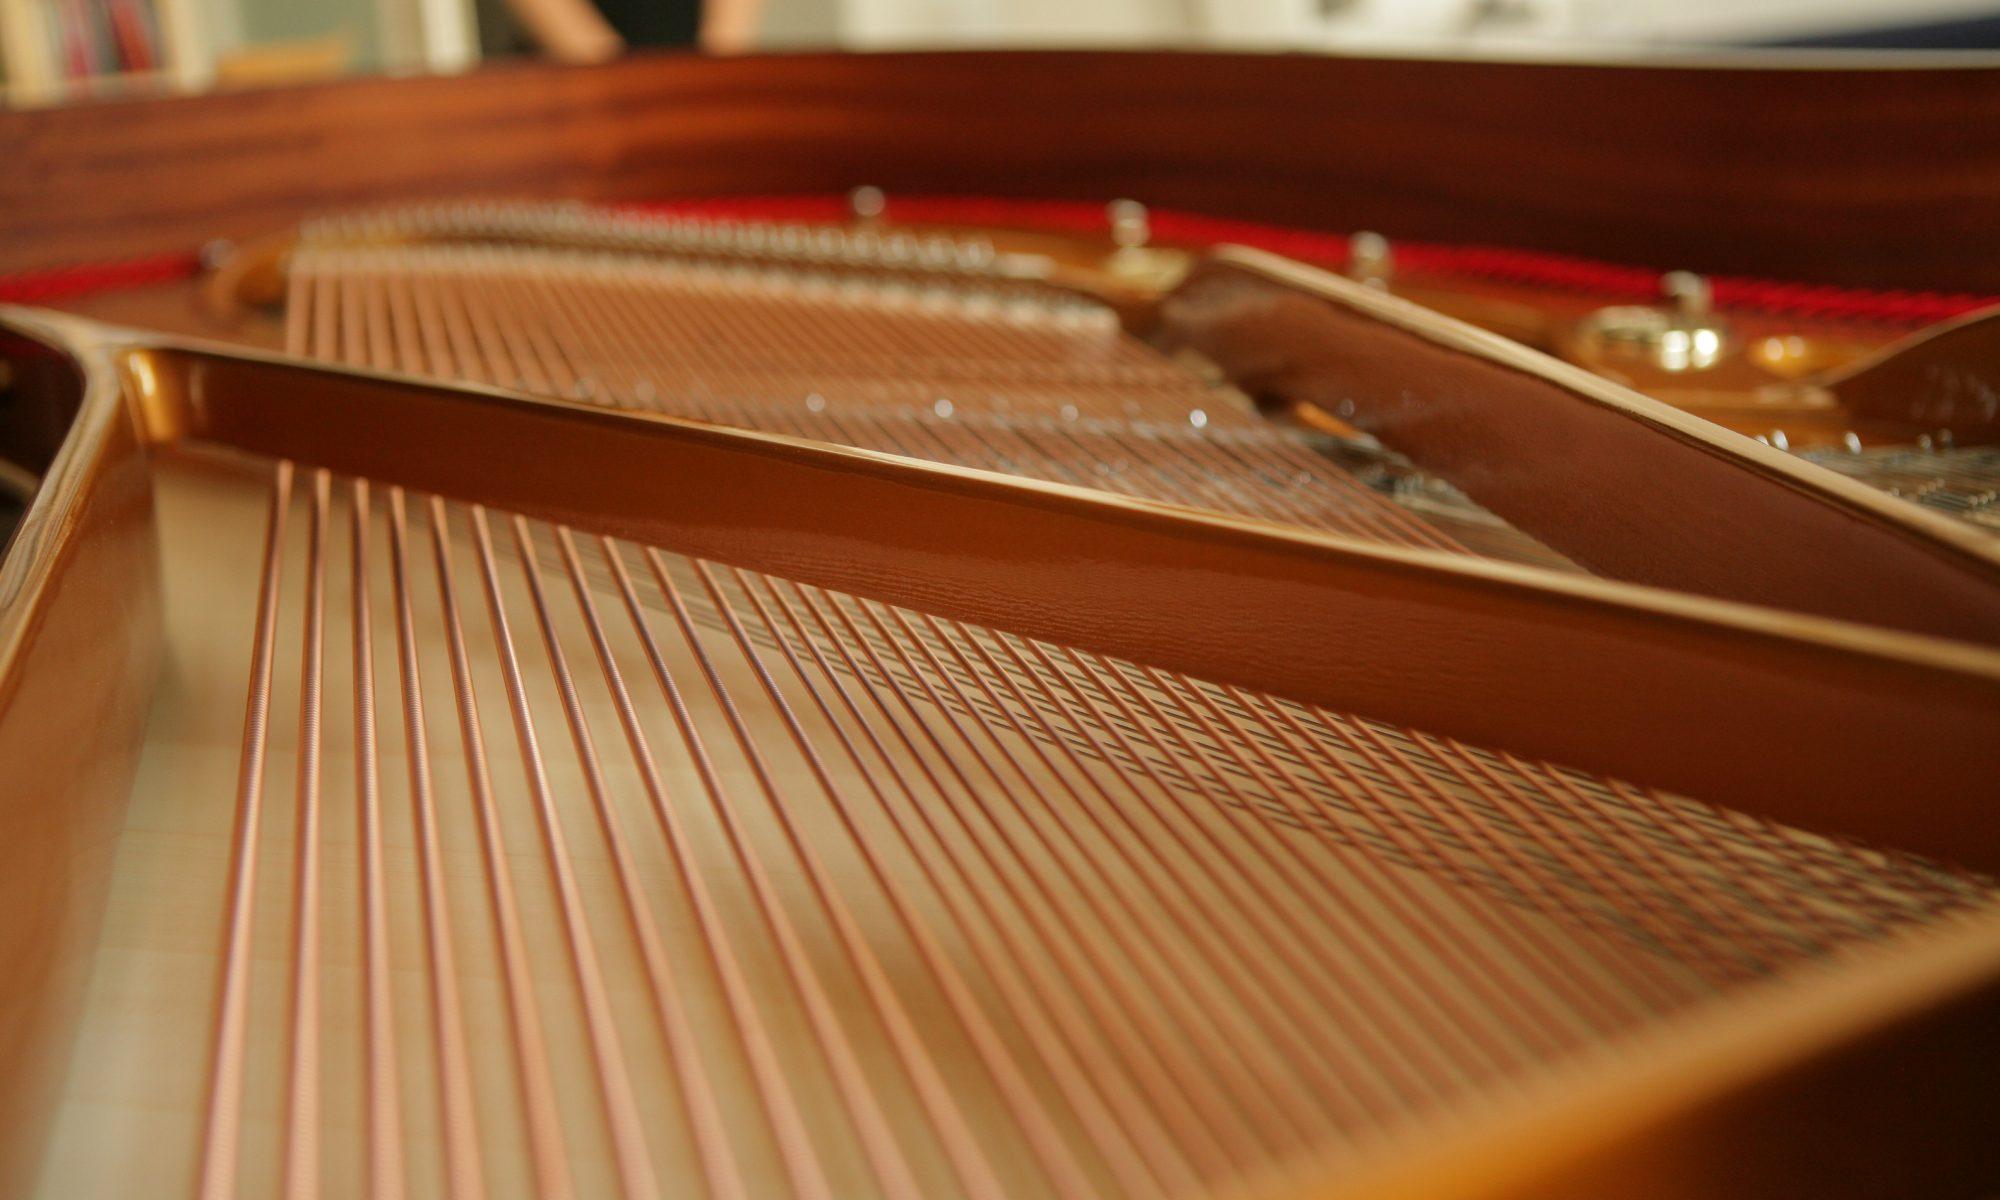 Spielen Sie Klavier?